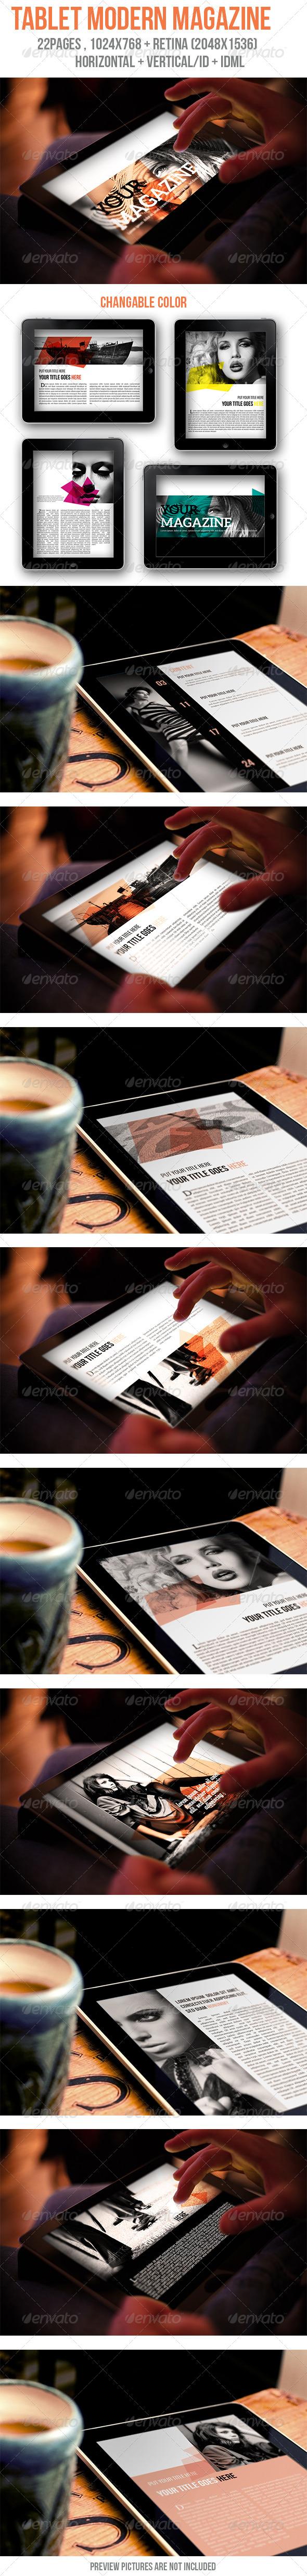 iPad & Tablet Modern Magazine - Digital Magazines ePublishing